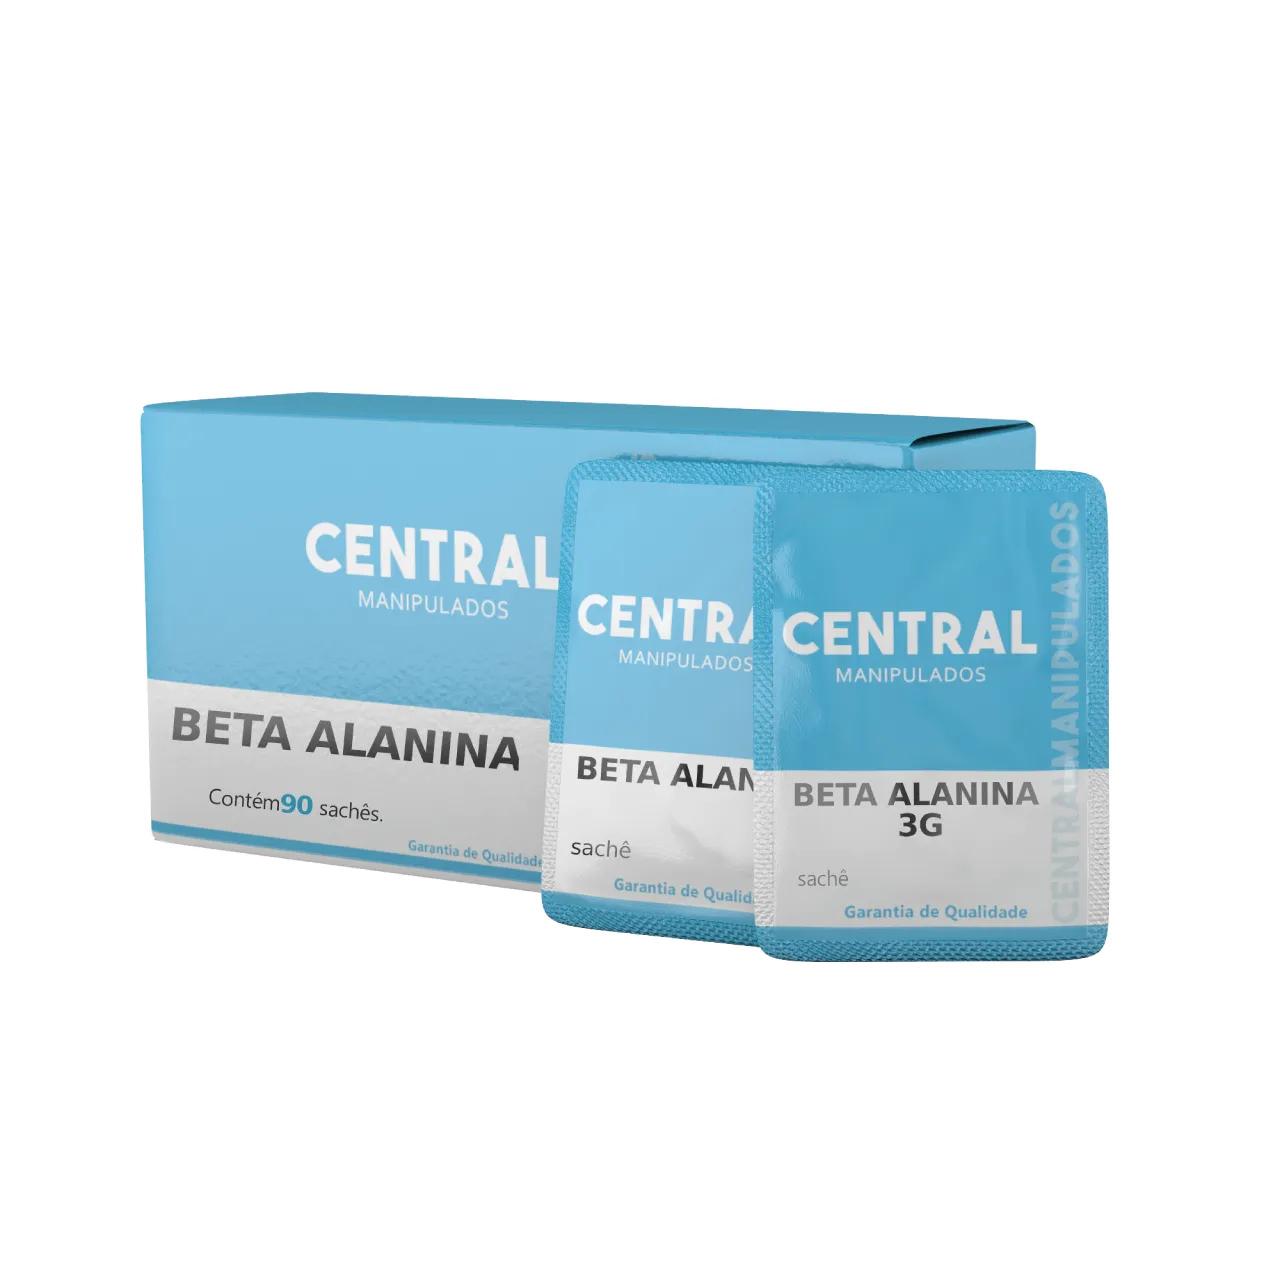 Beta-alanina 3g - 90 Sachês - Aumento da massa muscular, resistência aeróbica, força e resistência